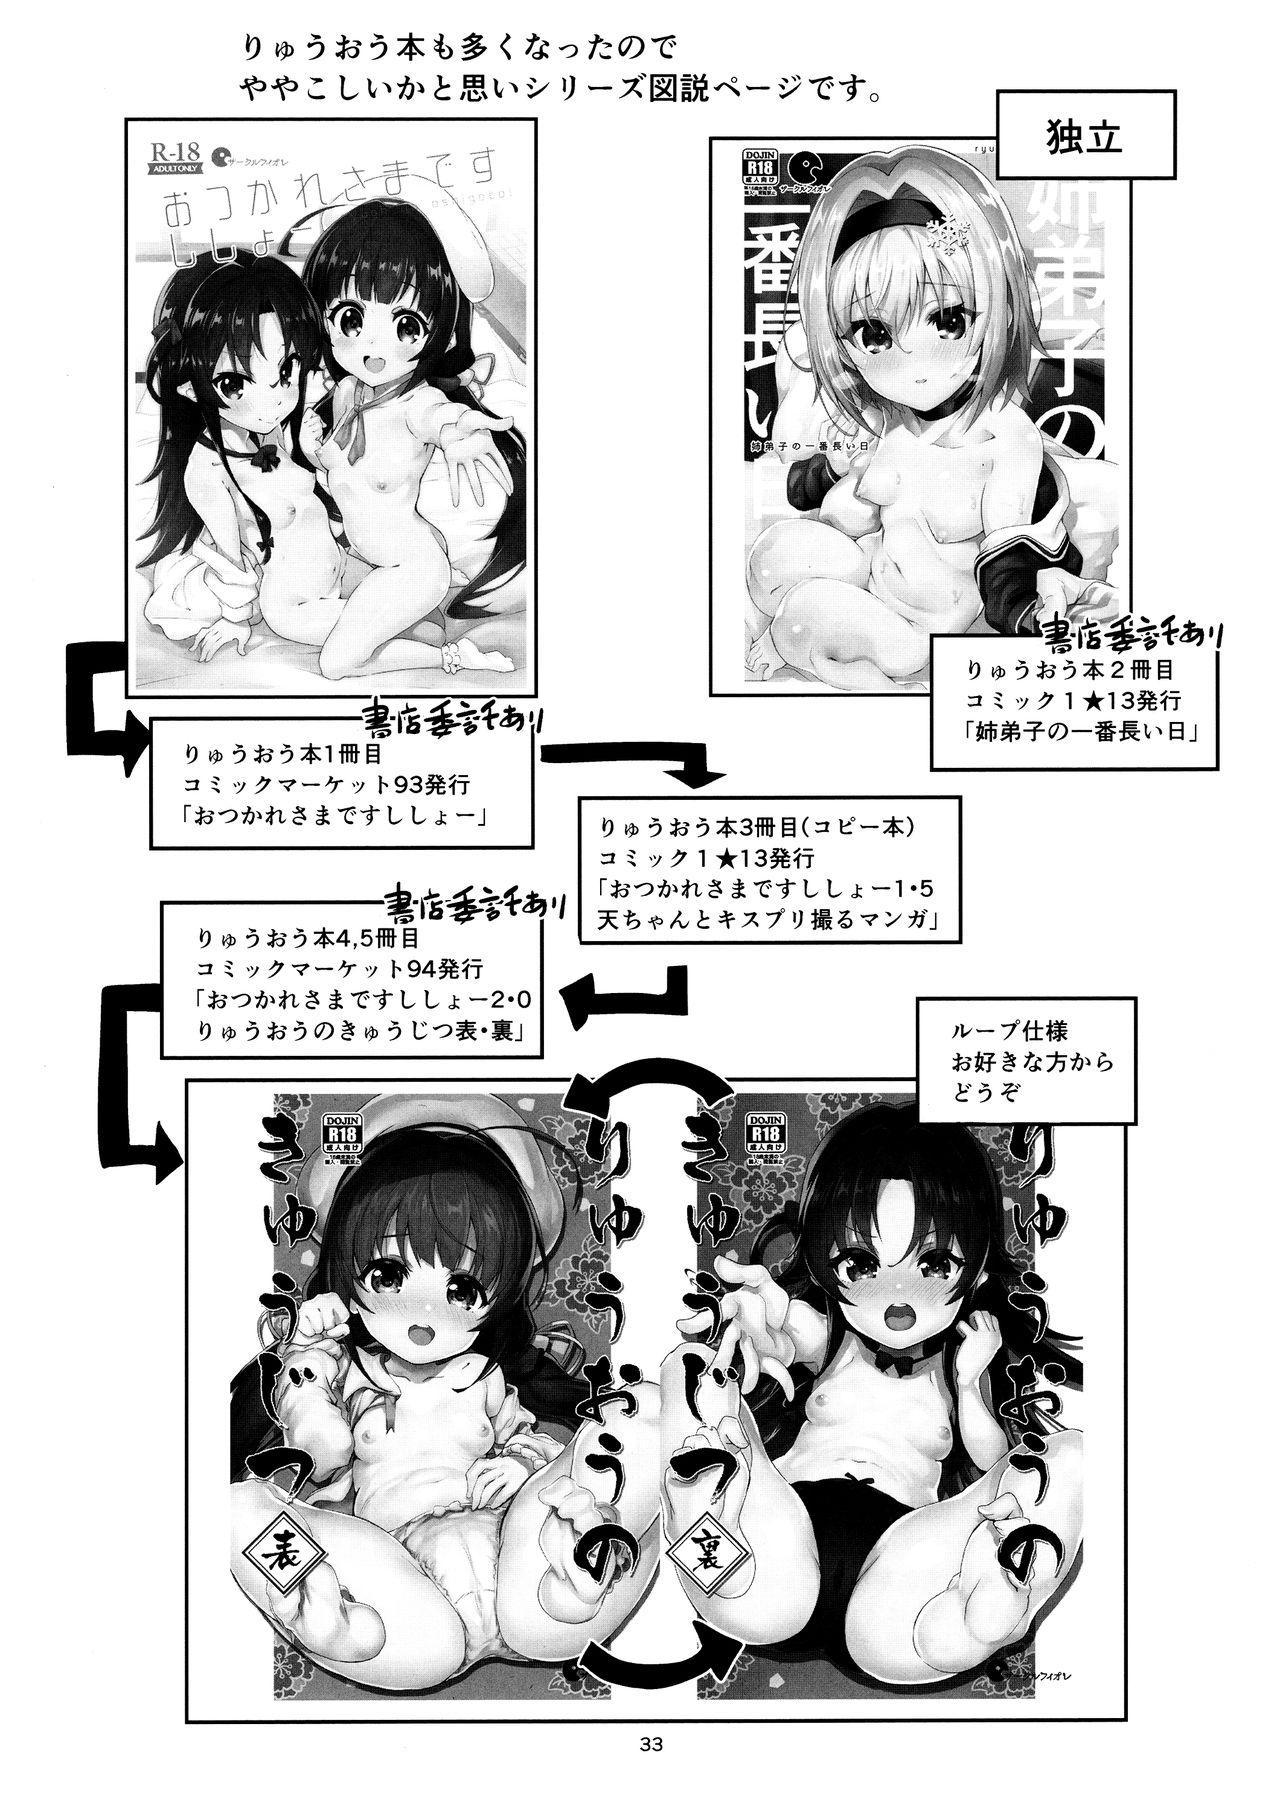 Ryuuou no Kyuujitsu Omote 32